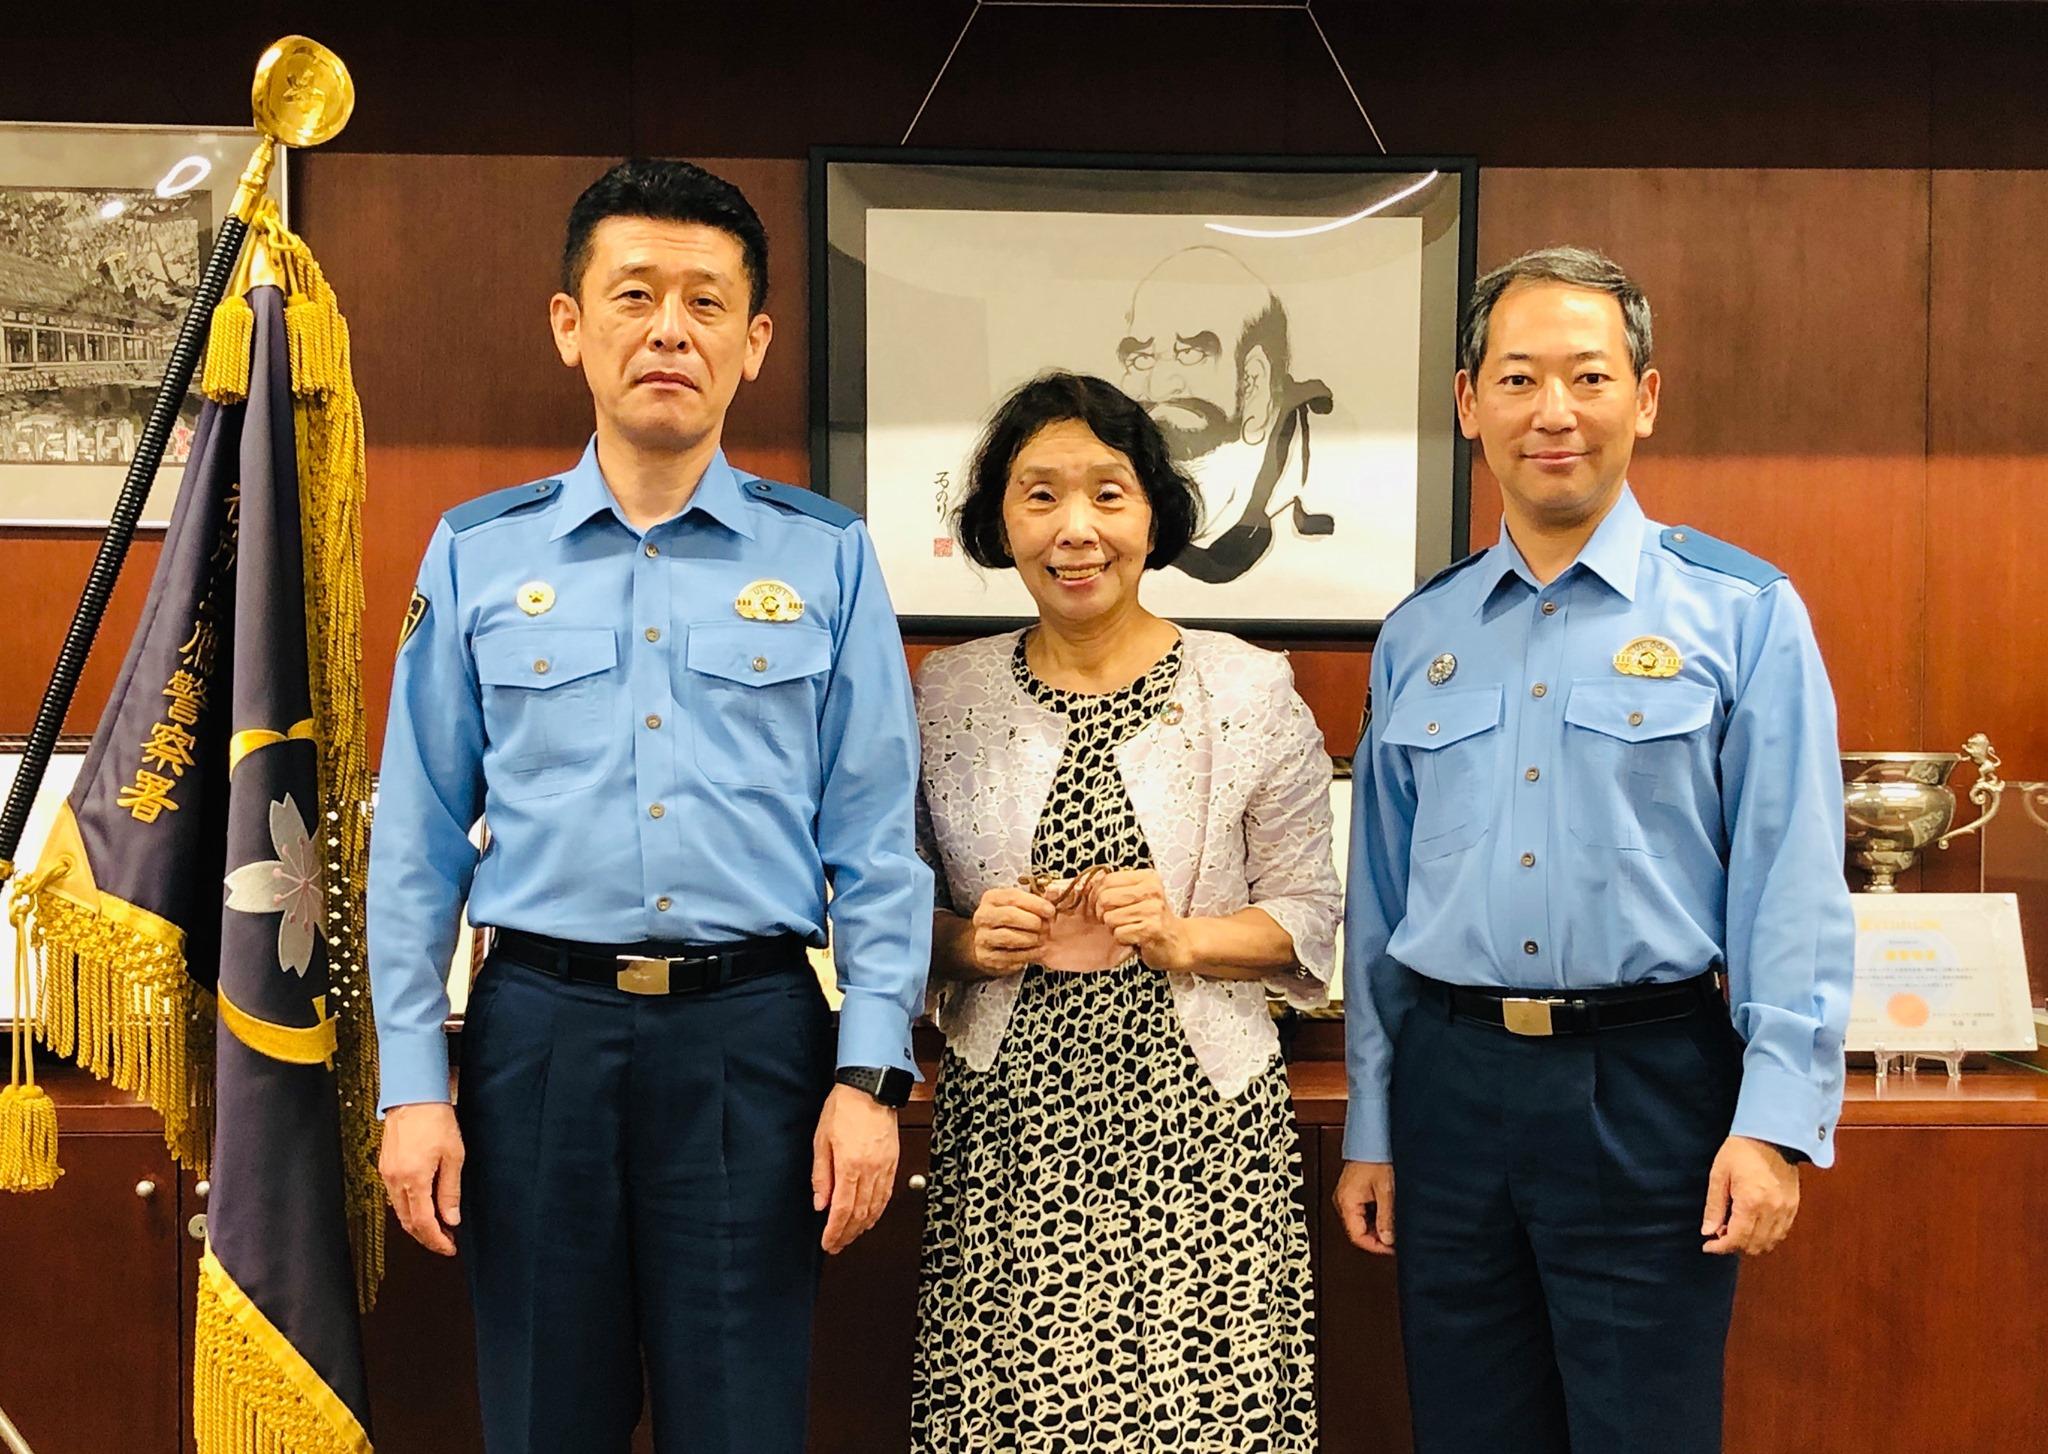 警視庁三鷹警察長署長の川崎智さんとお会いしました。